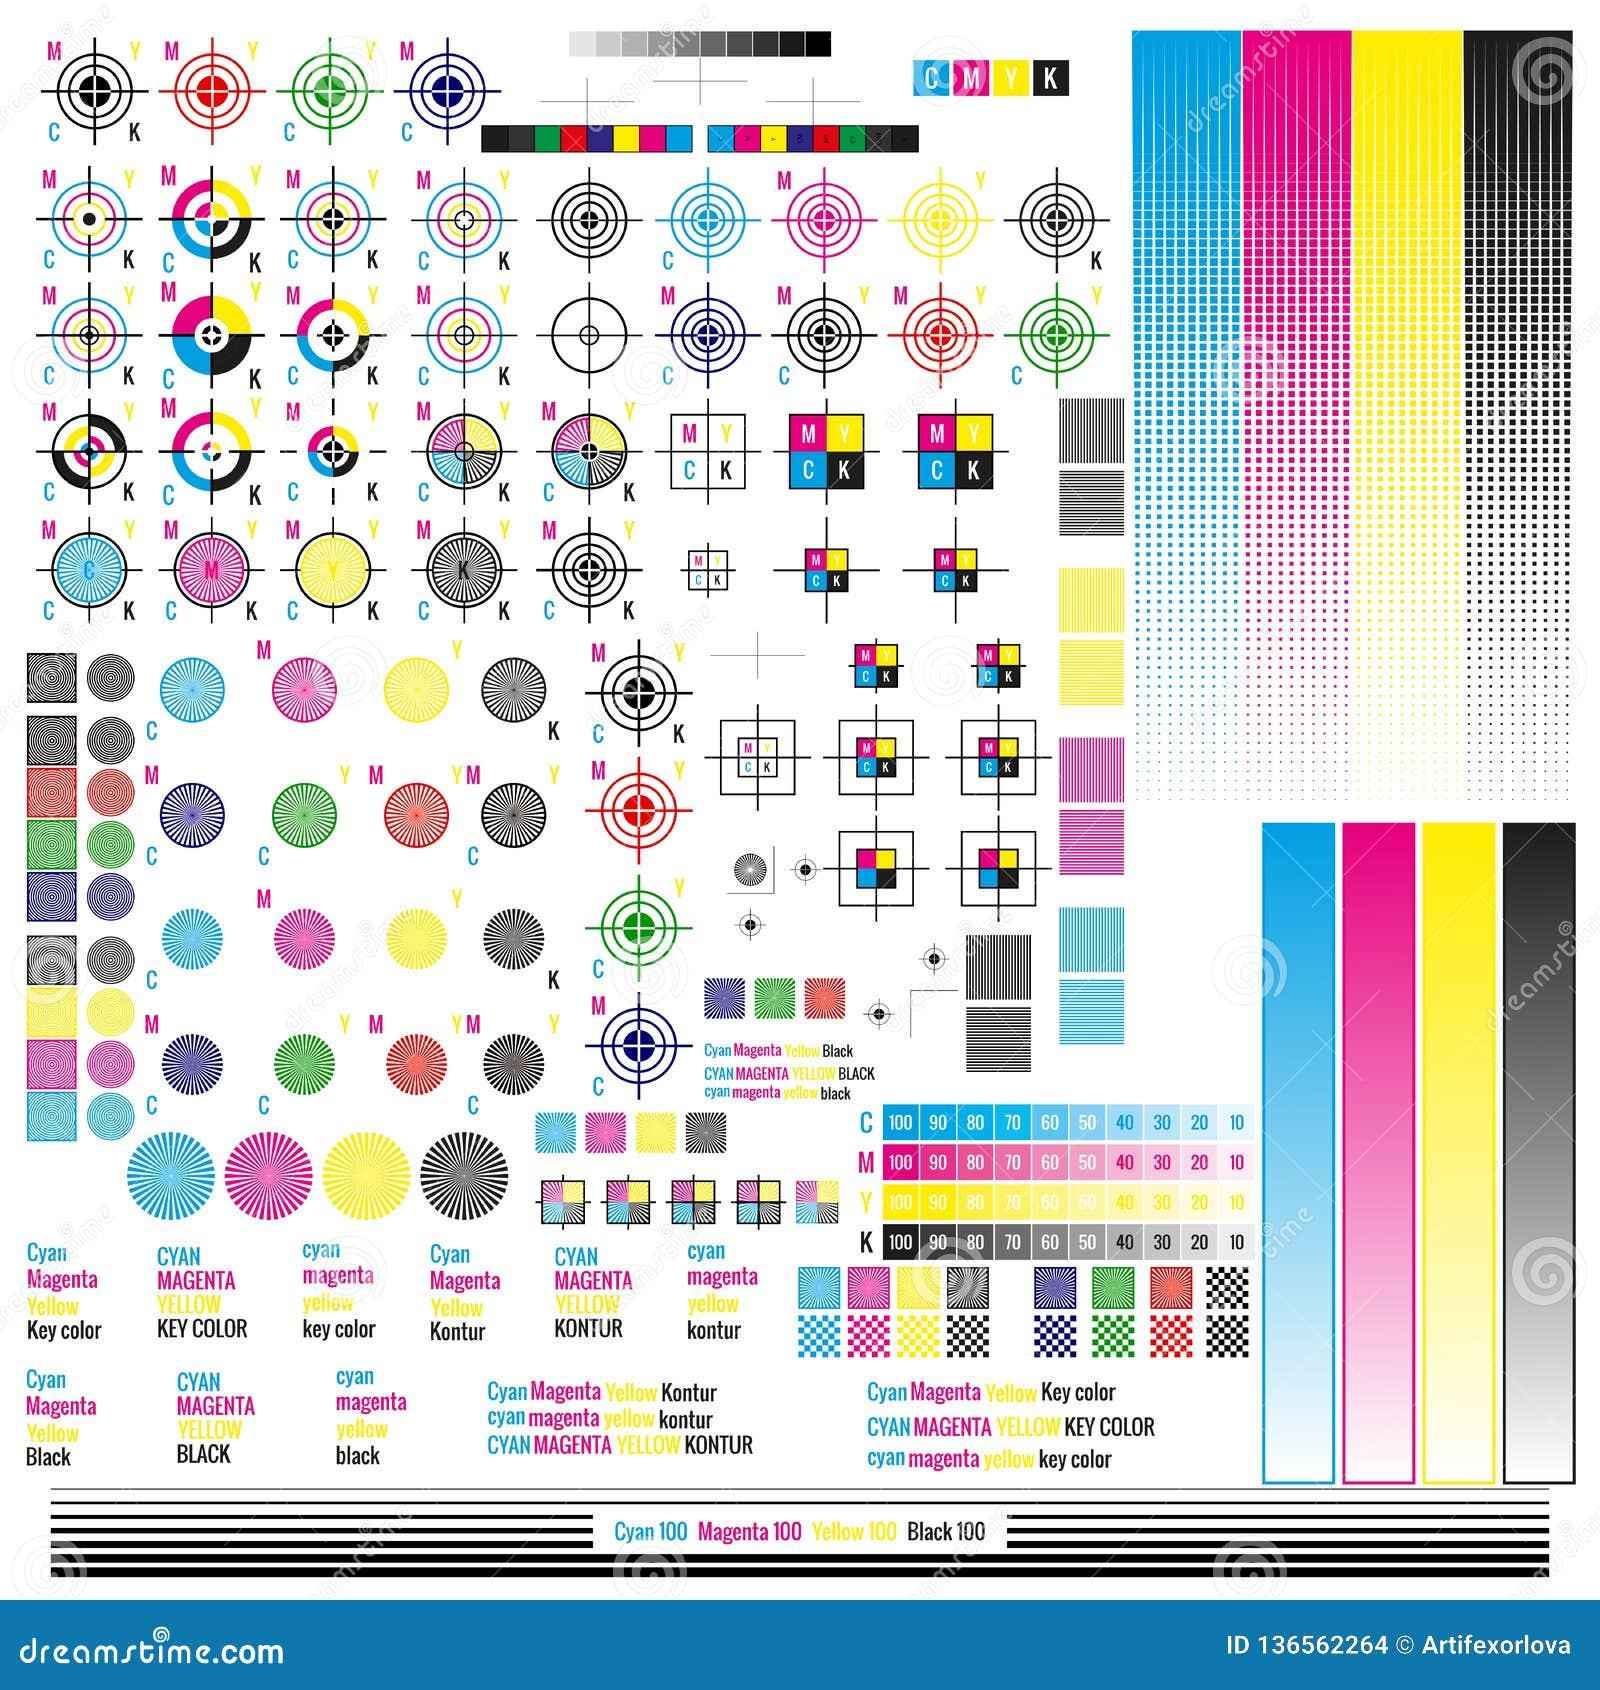 Элементы управления цвета CMYK Опубликовывая общие назначения графического символа Метка прессы Тарировка, вырезывание отметит 10